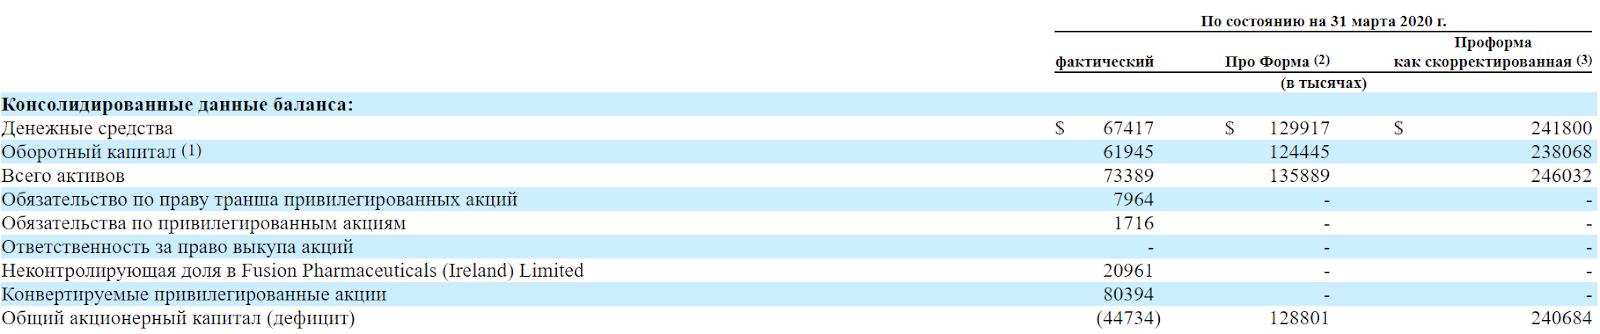 Обзор IPO Fusion Pharmaceuticals.